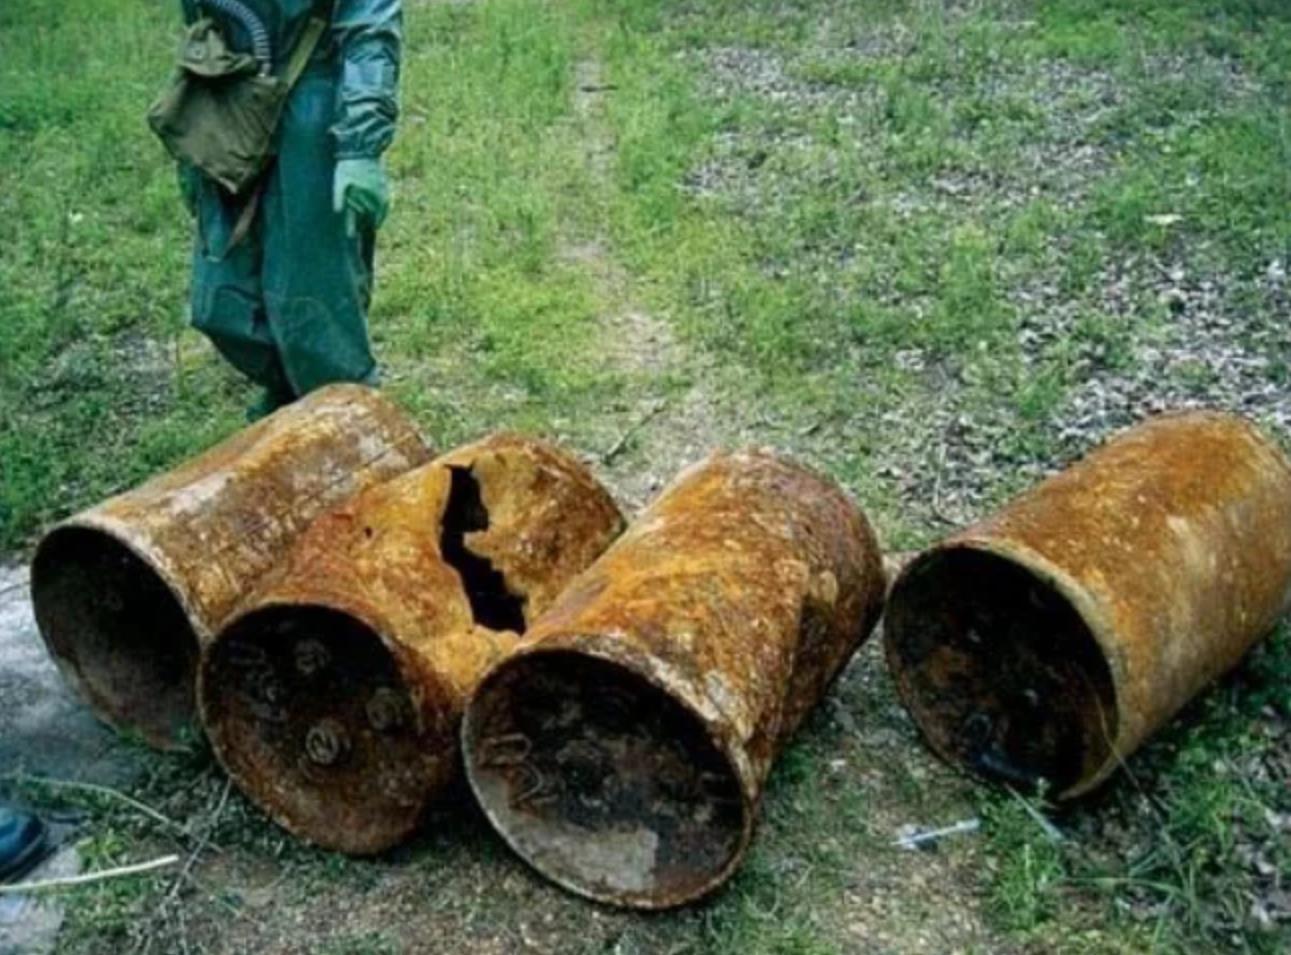 日本投降前,小兵偷埋80个弹药库,60年后良心发现来中国指认